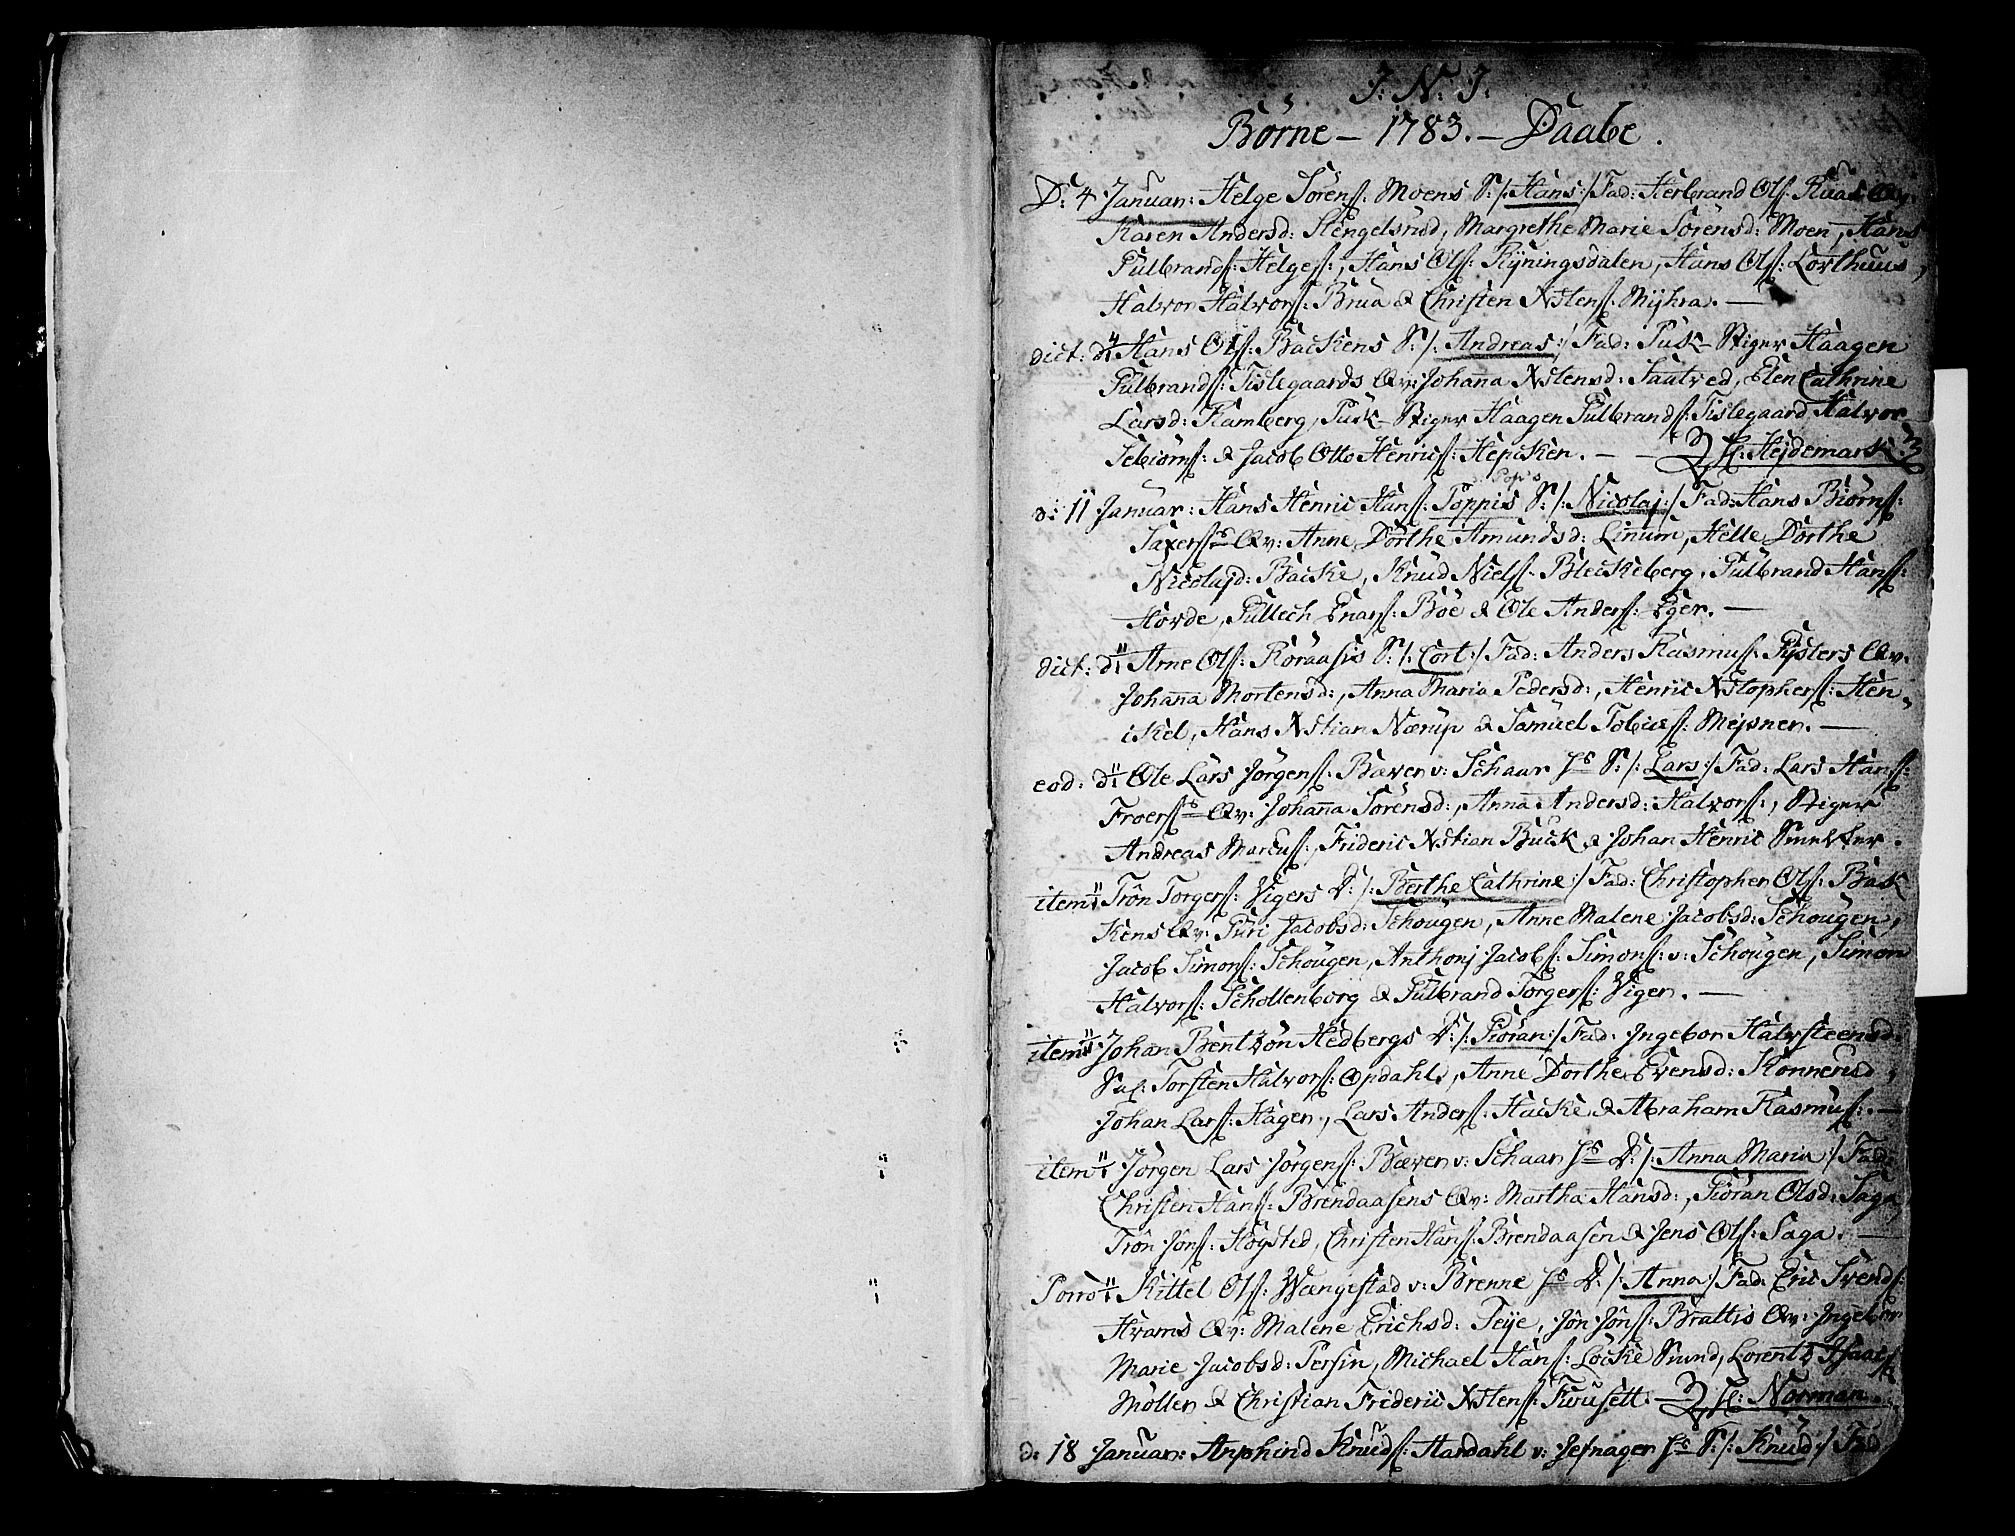 SAKO, Kongsberg kirkebøker, F/Fa/L0006: Ministerialbok nr. I 6, 1783-1797, s. 2